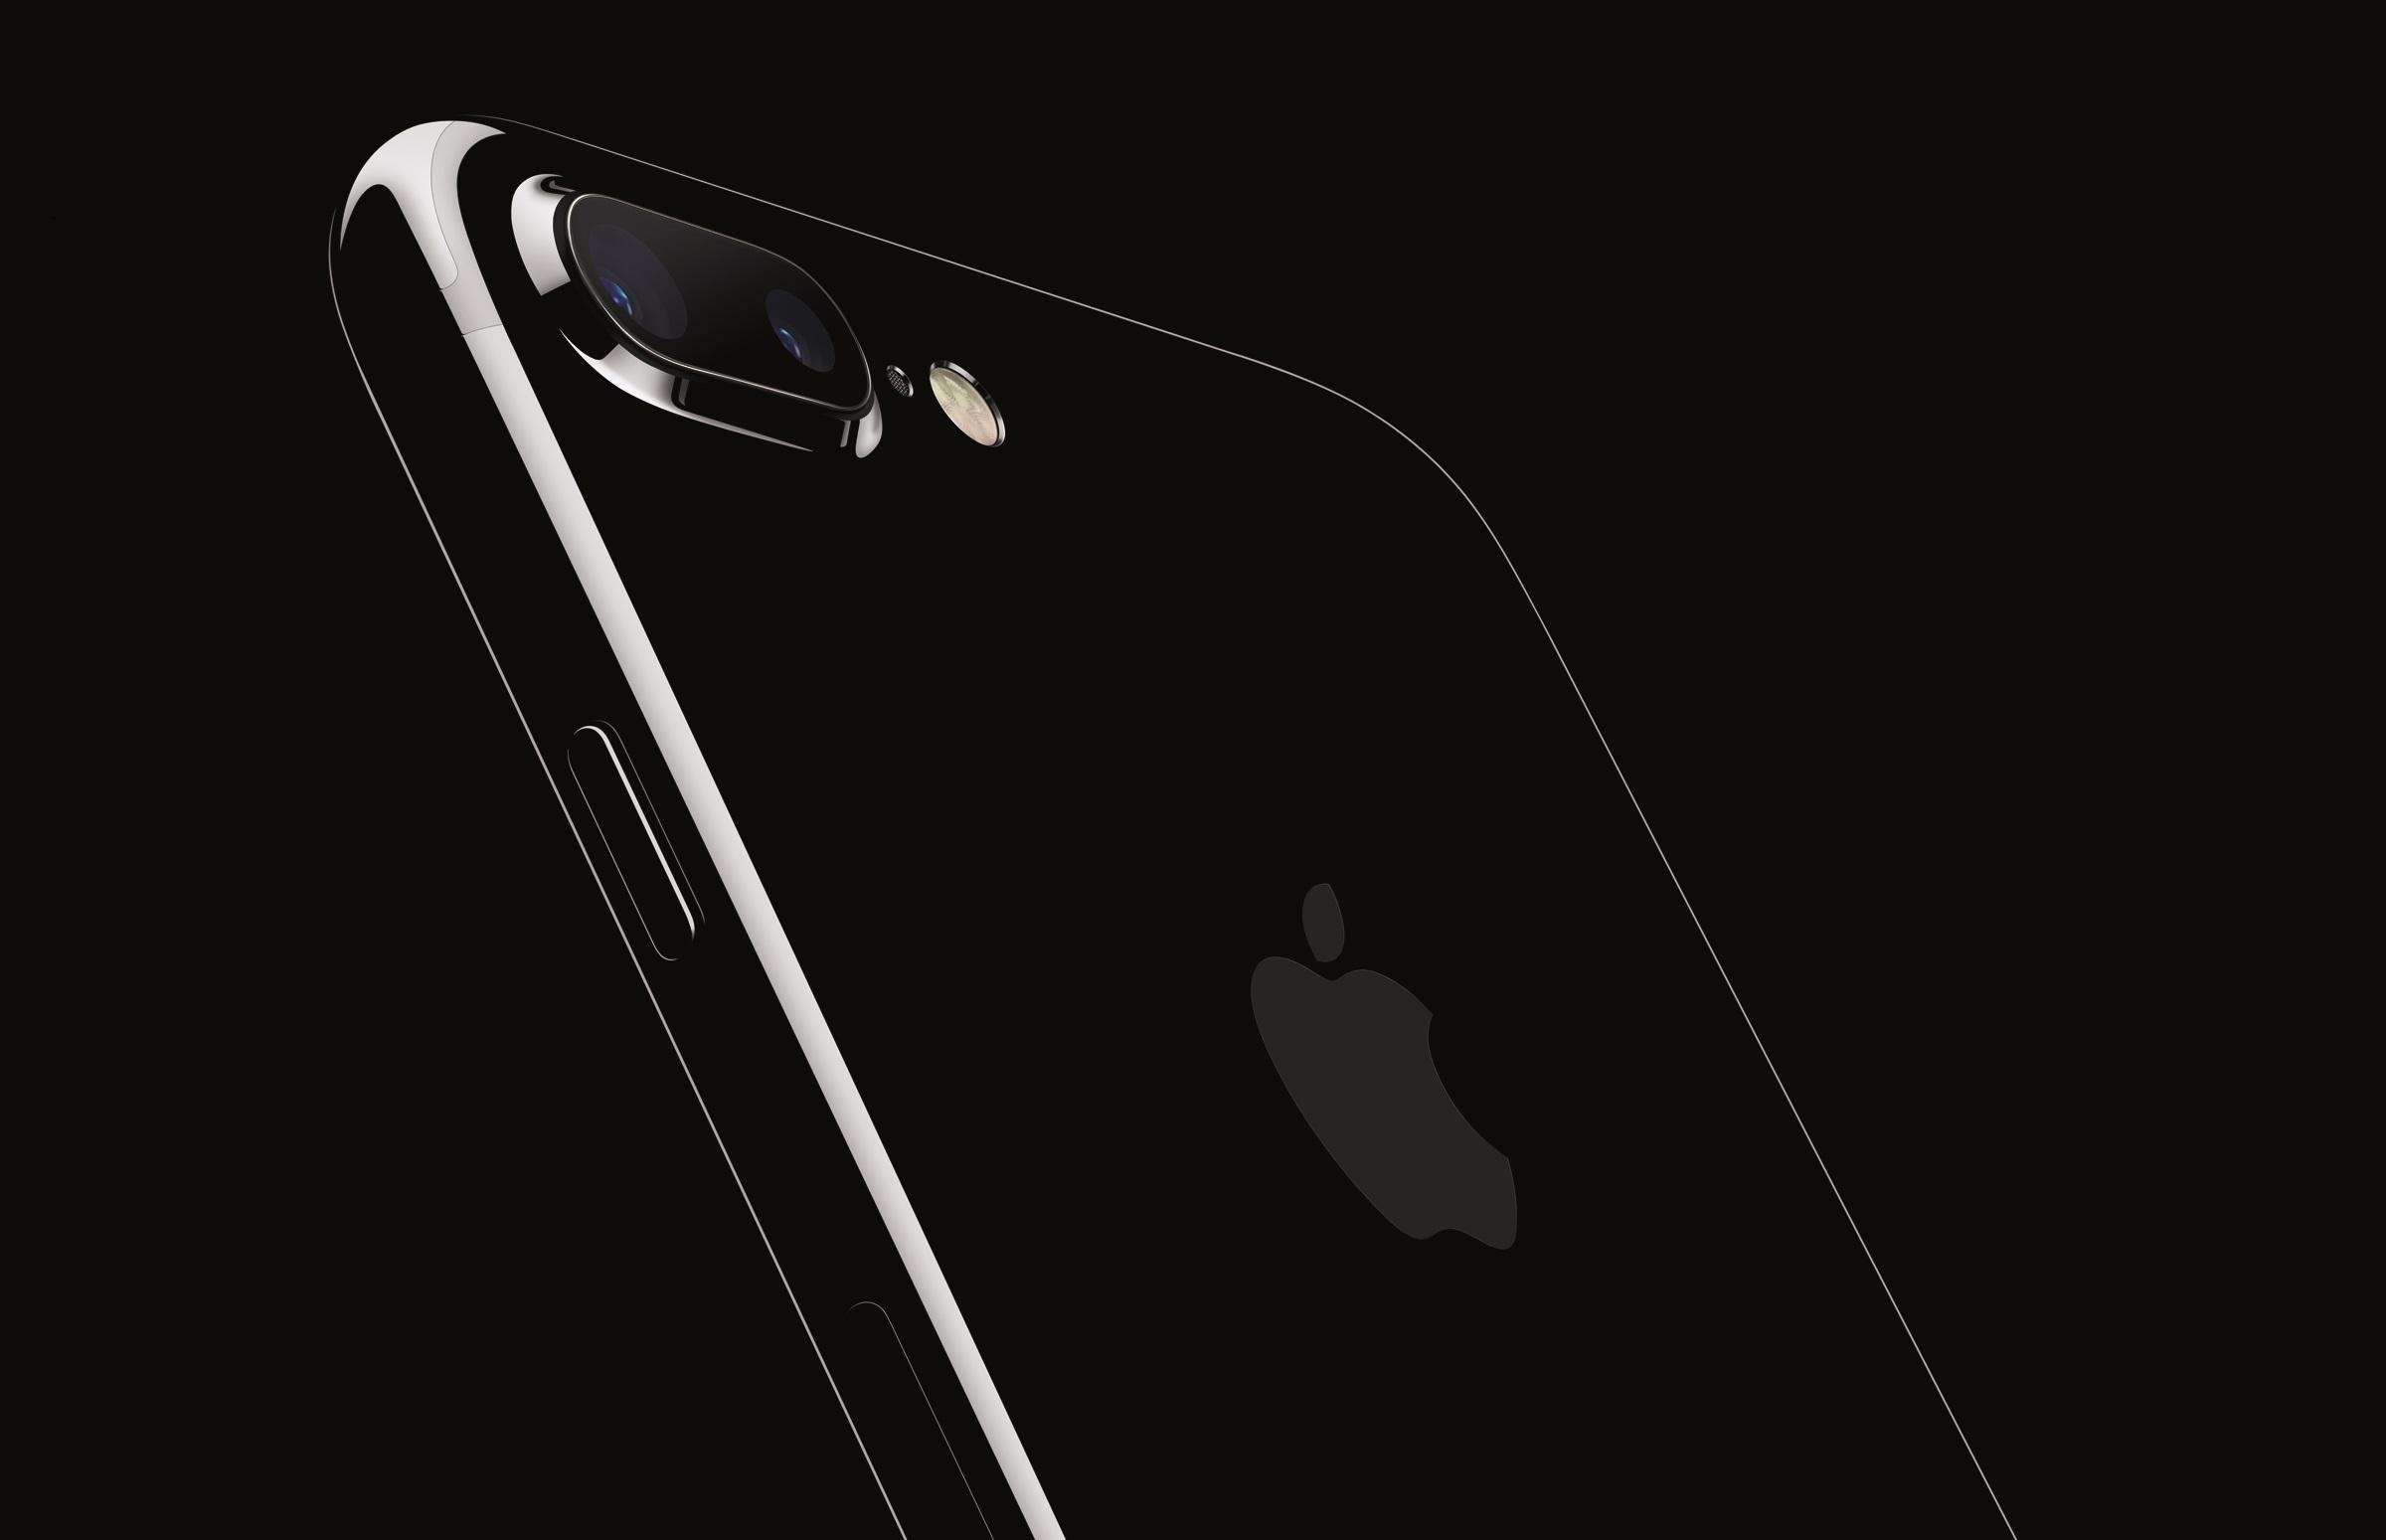 Uus iPhone 7 pakub veekindlust, paremat kaamerat ja palju muud põnevat